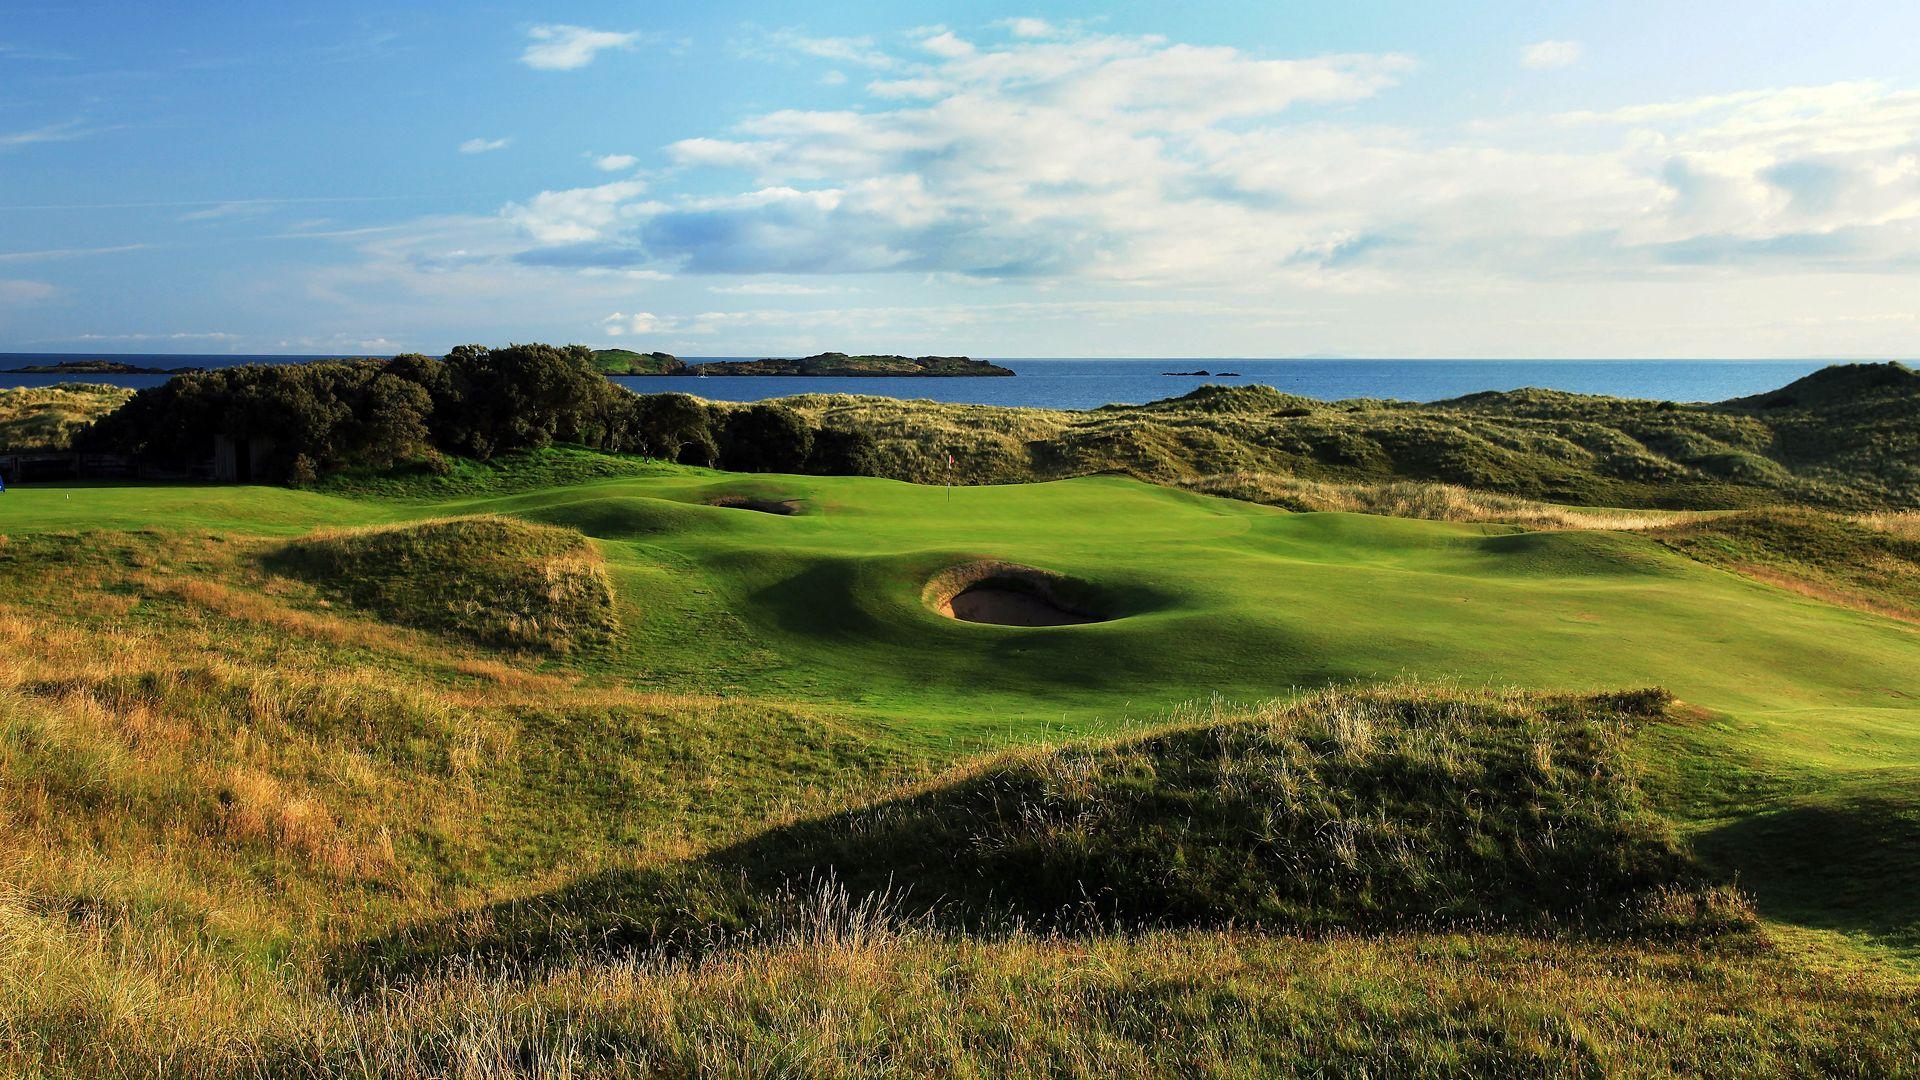 top irish golfer christy o u0026 39 connor sr  dies at age 91